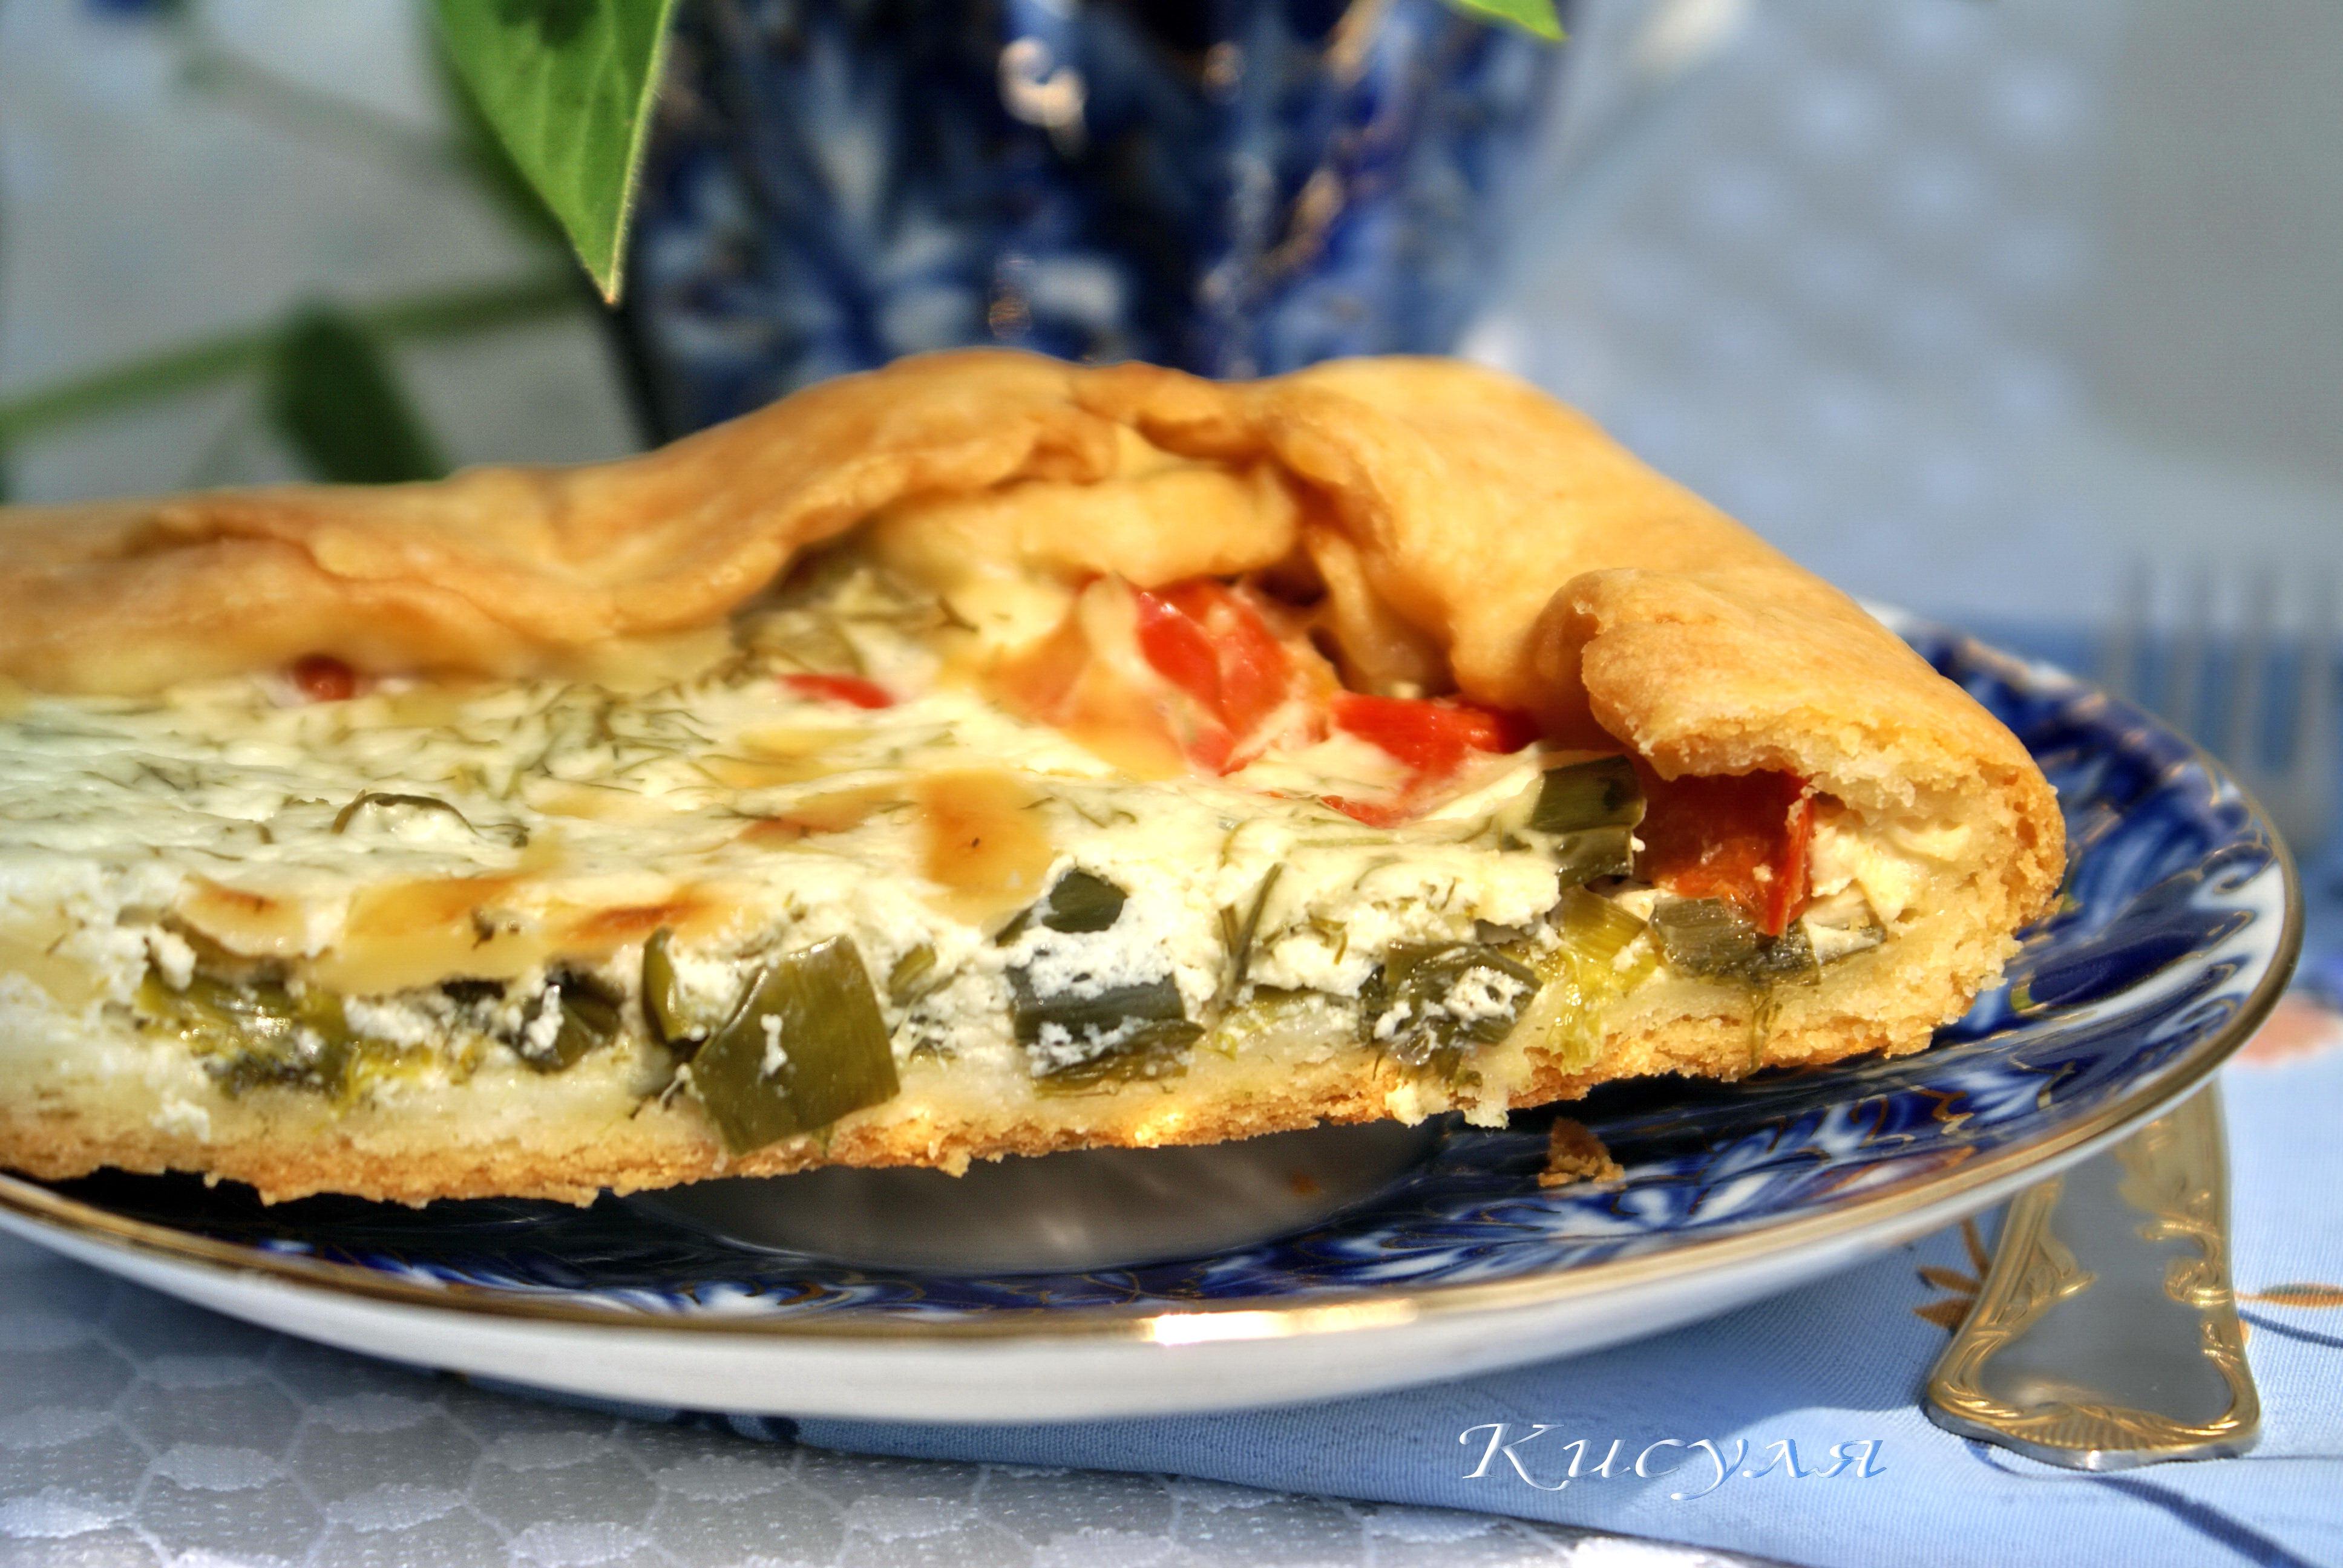 пирог с сыром и зеленым луком фото части